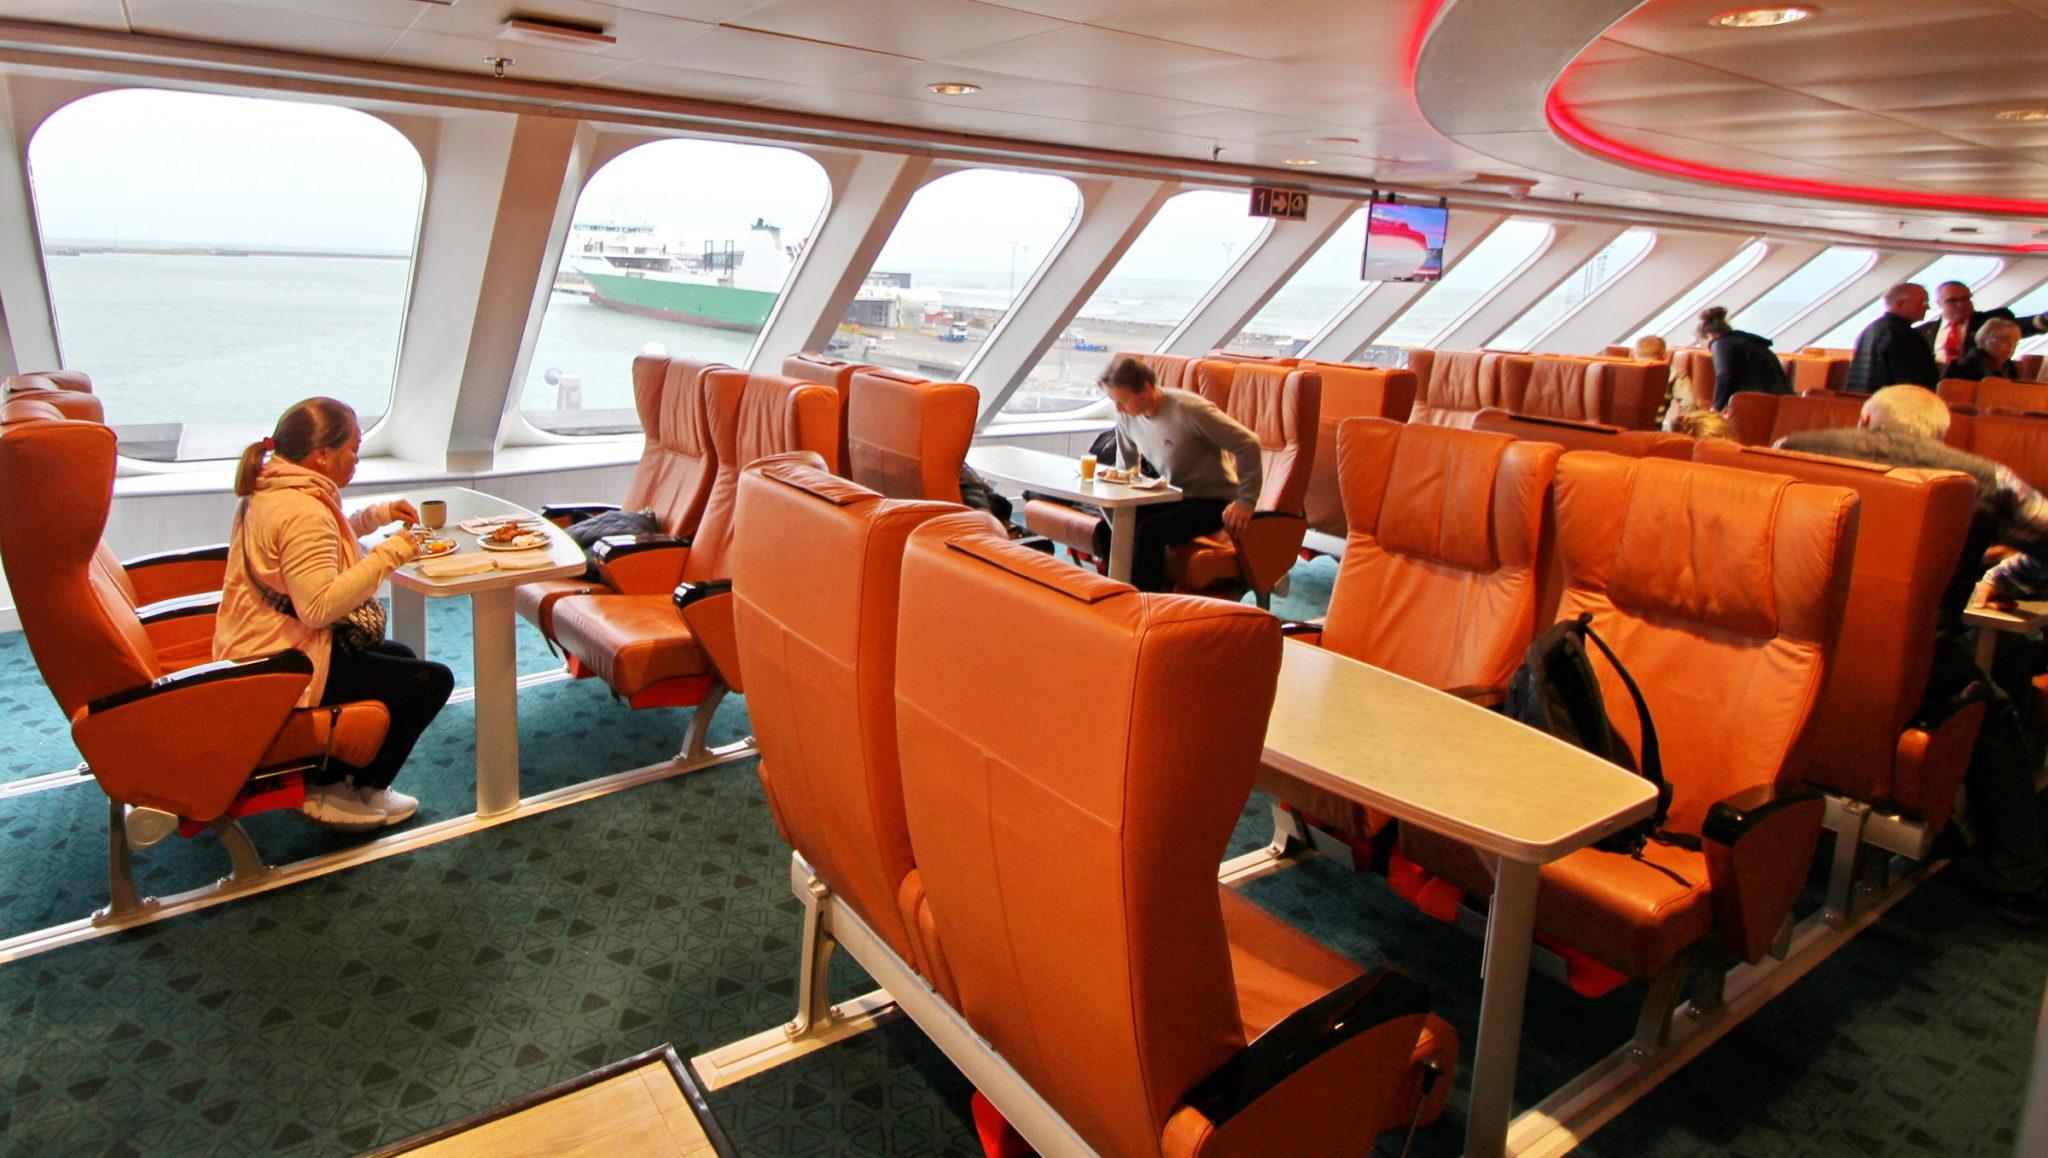 Fjord FSTR interior